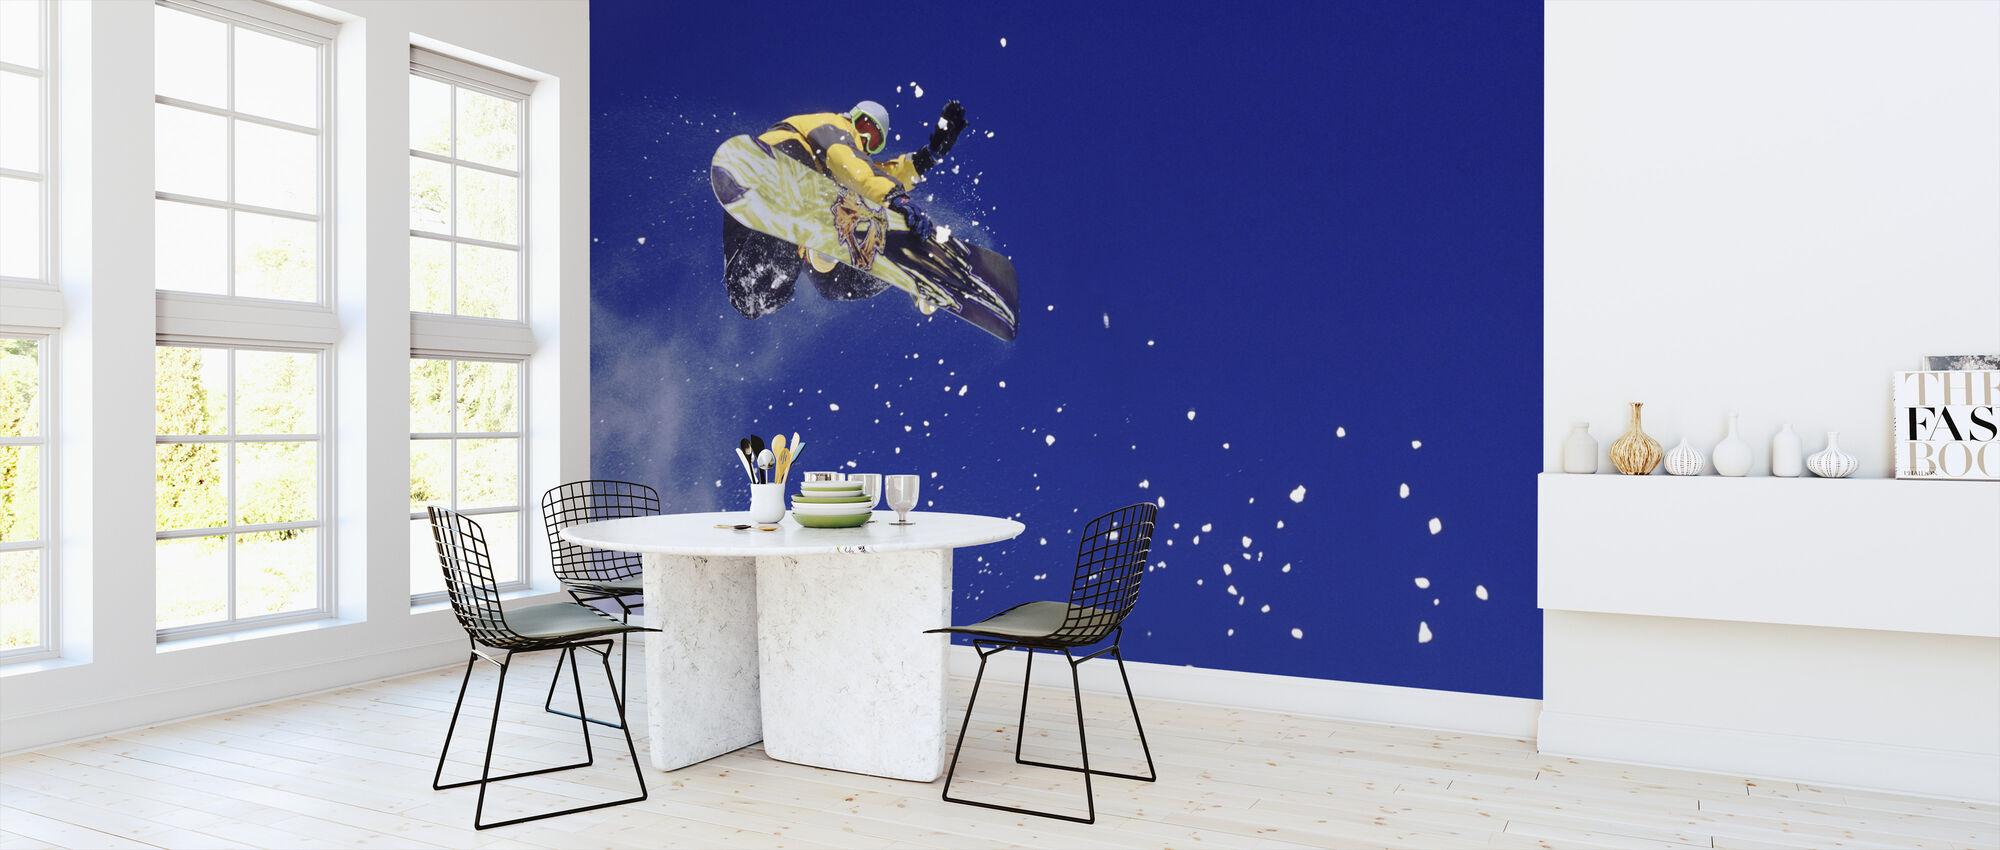 Airborne Snowboarder - Wallpaper - Kitchen